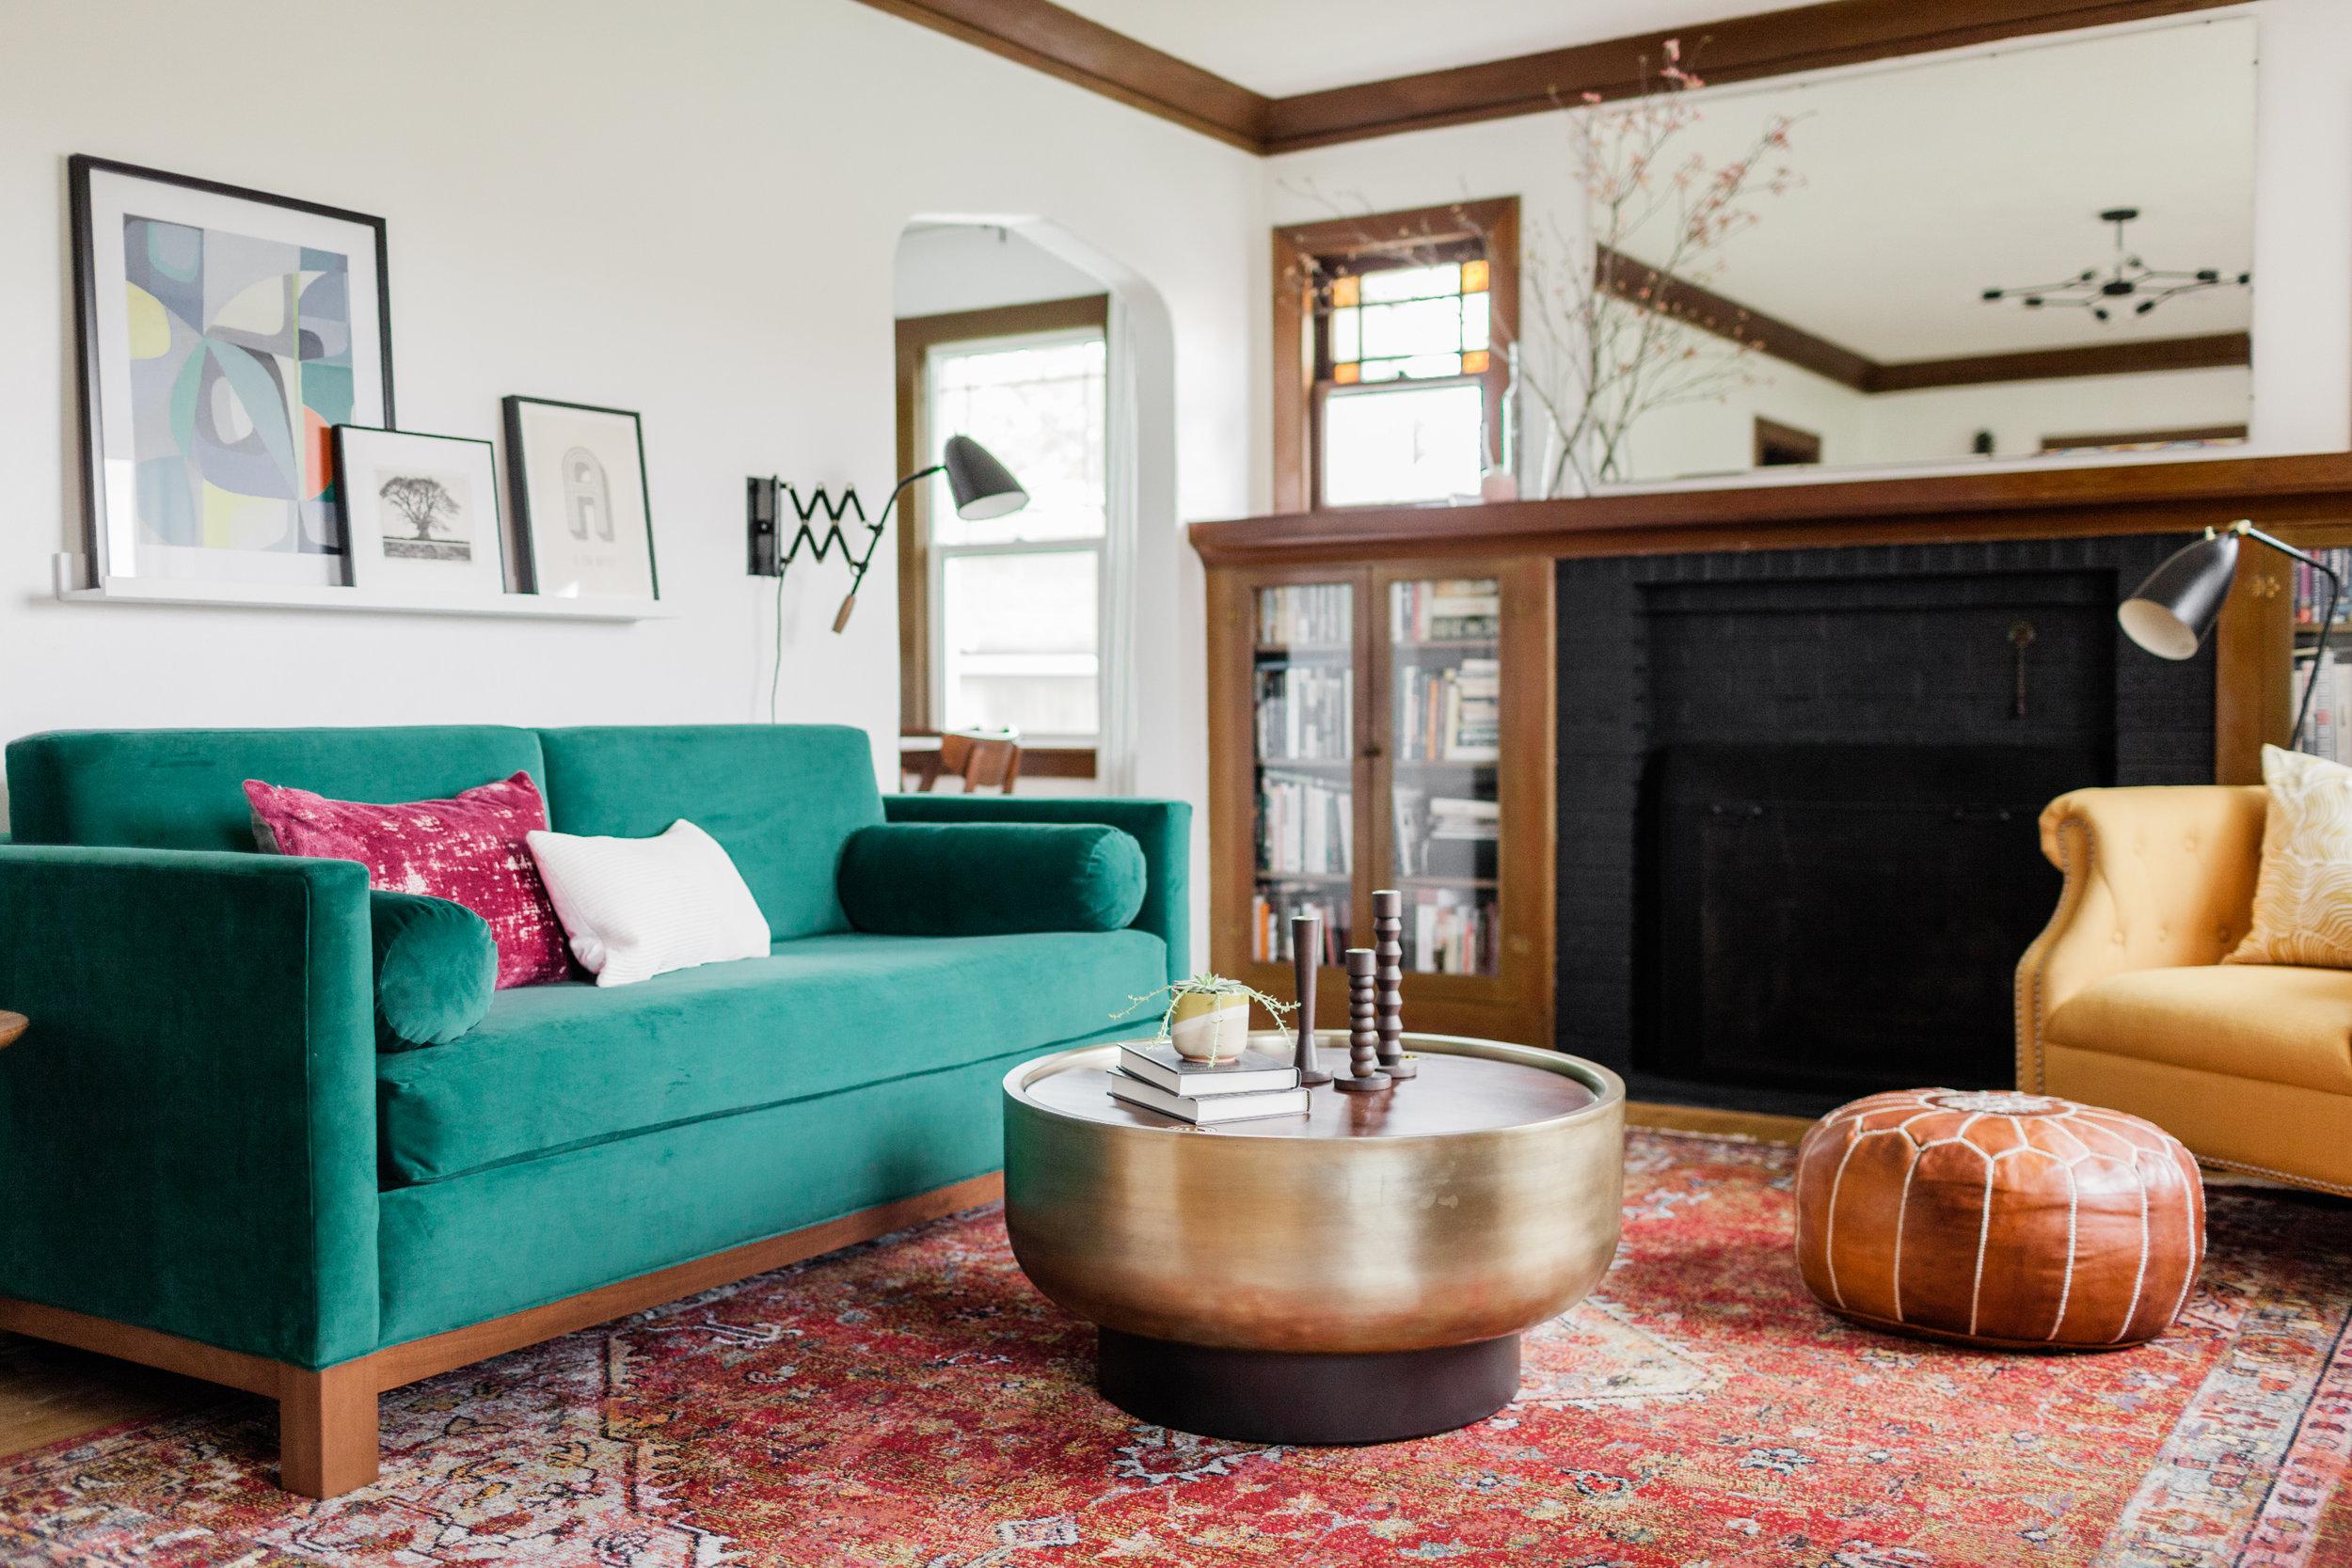 Colorful Vintage Modern Living Room by Harper Rae Design Co